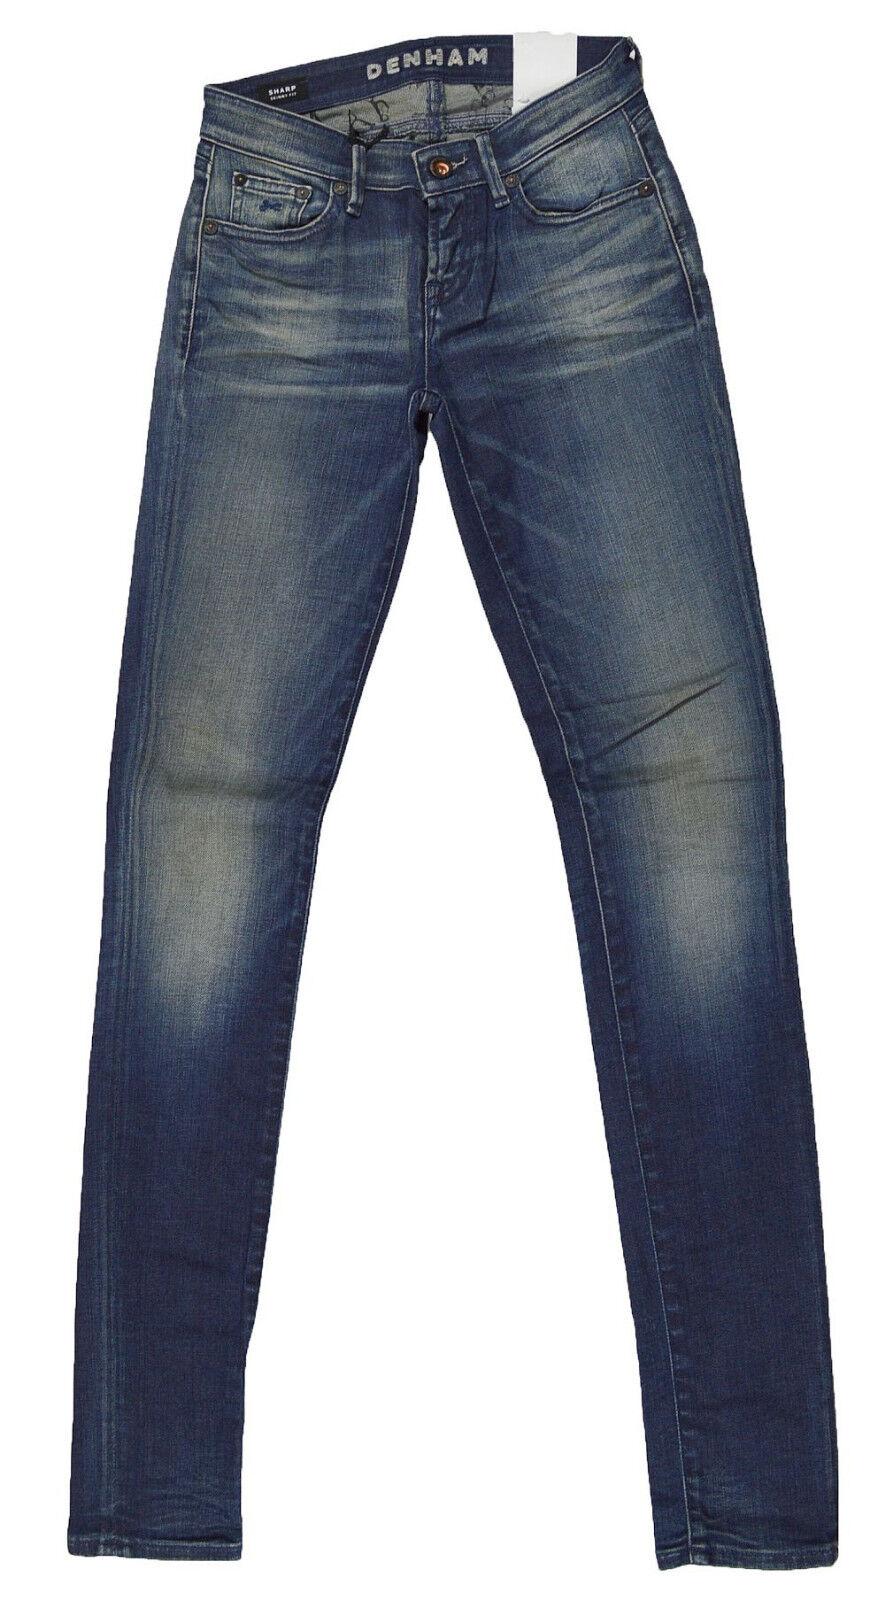 Denham Sharp VBS Skinny Fit Damen Jeans Hose outlet Jeans Hosen sale 1-162